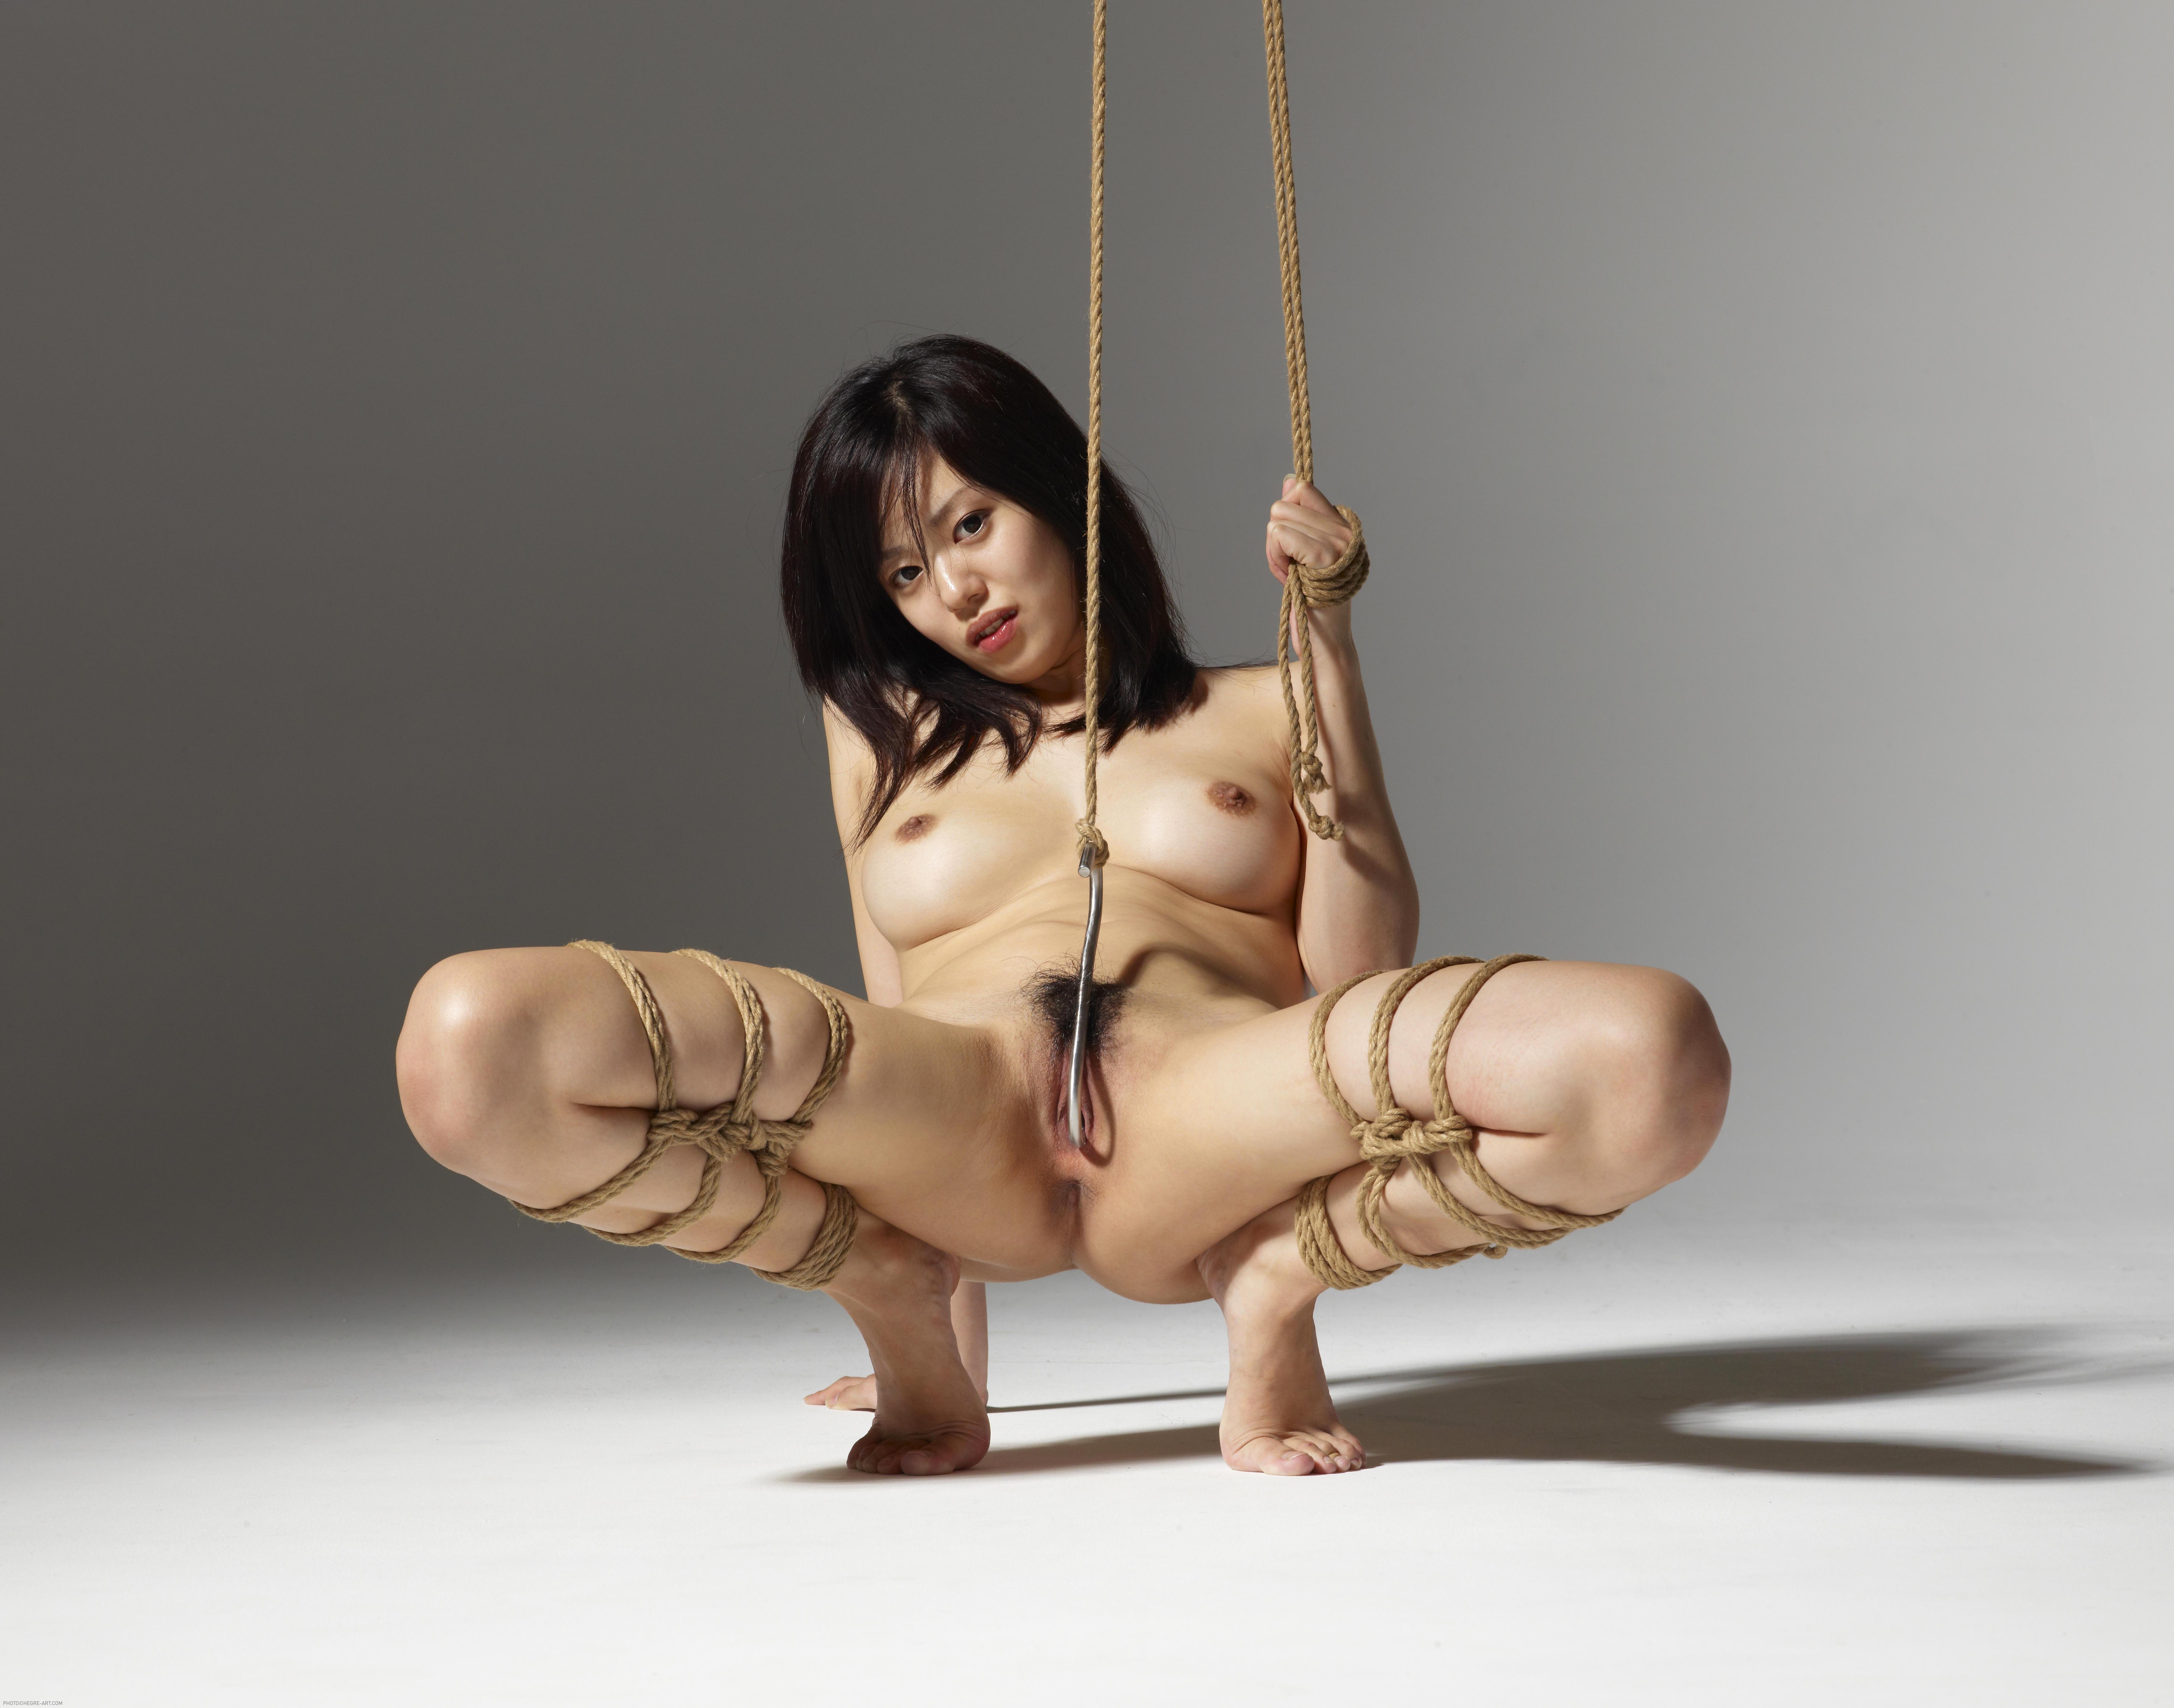 Cage babe bondage